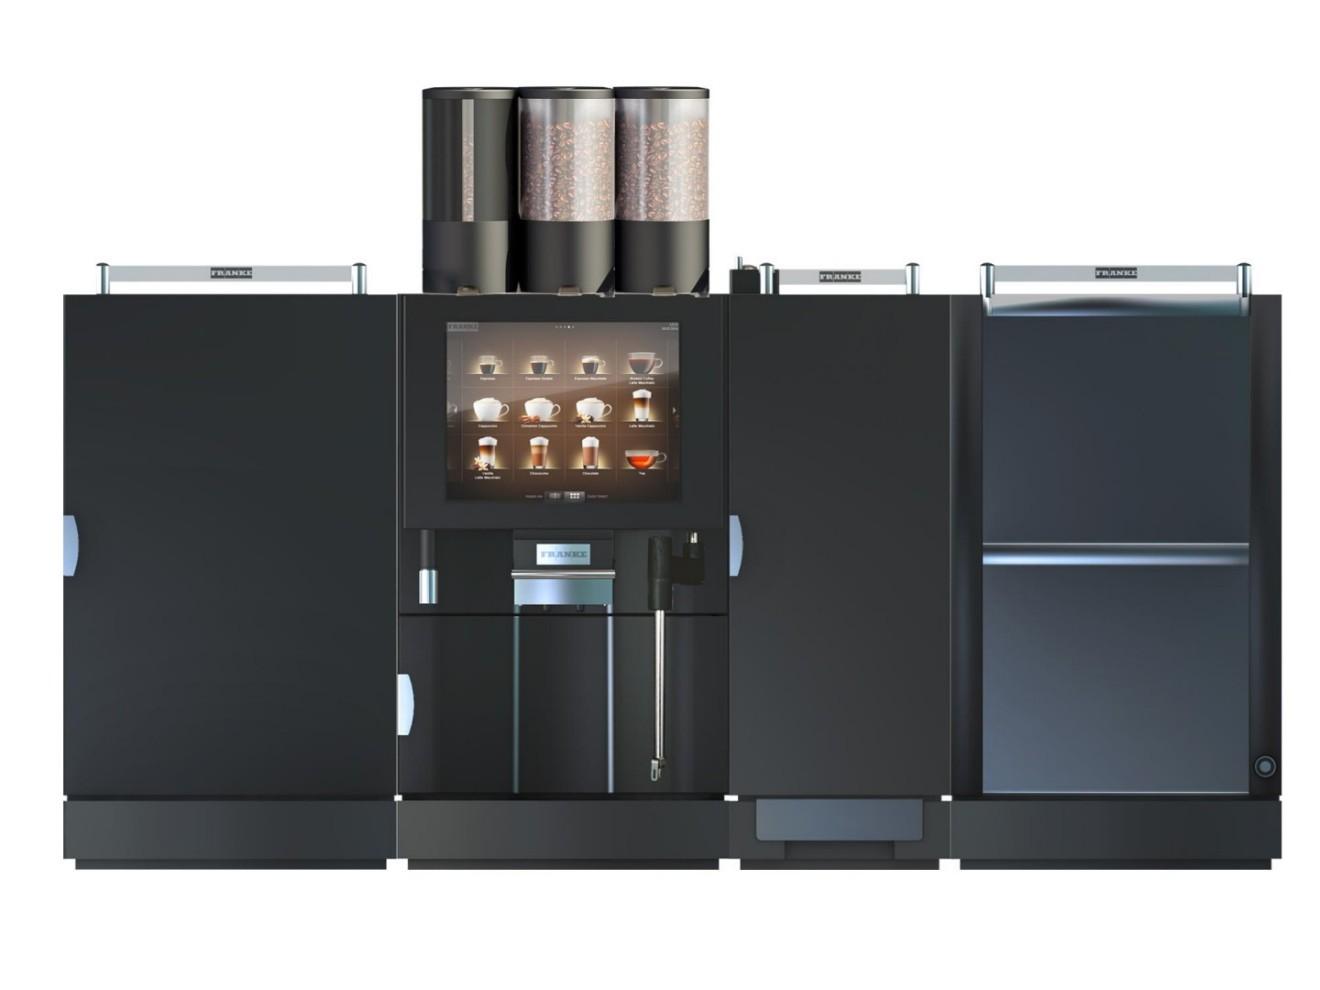 16291 | Кофемашина суперавтомат Franke FM800 Foam Master б/у | Coffee Shop